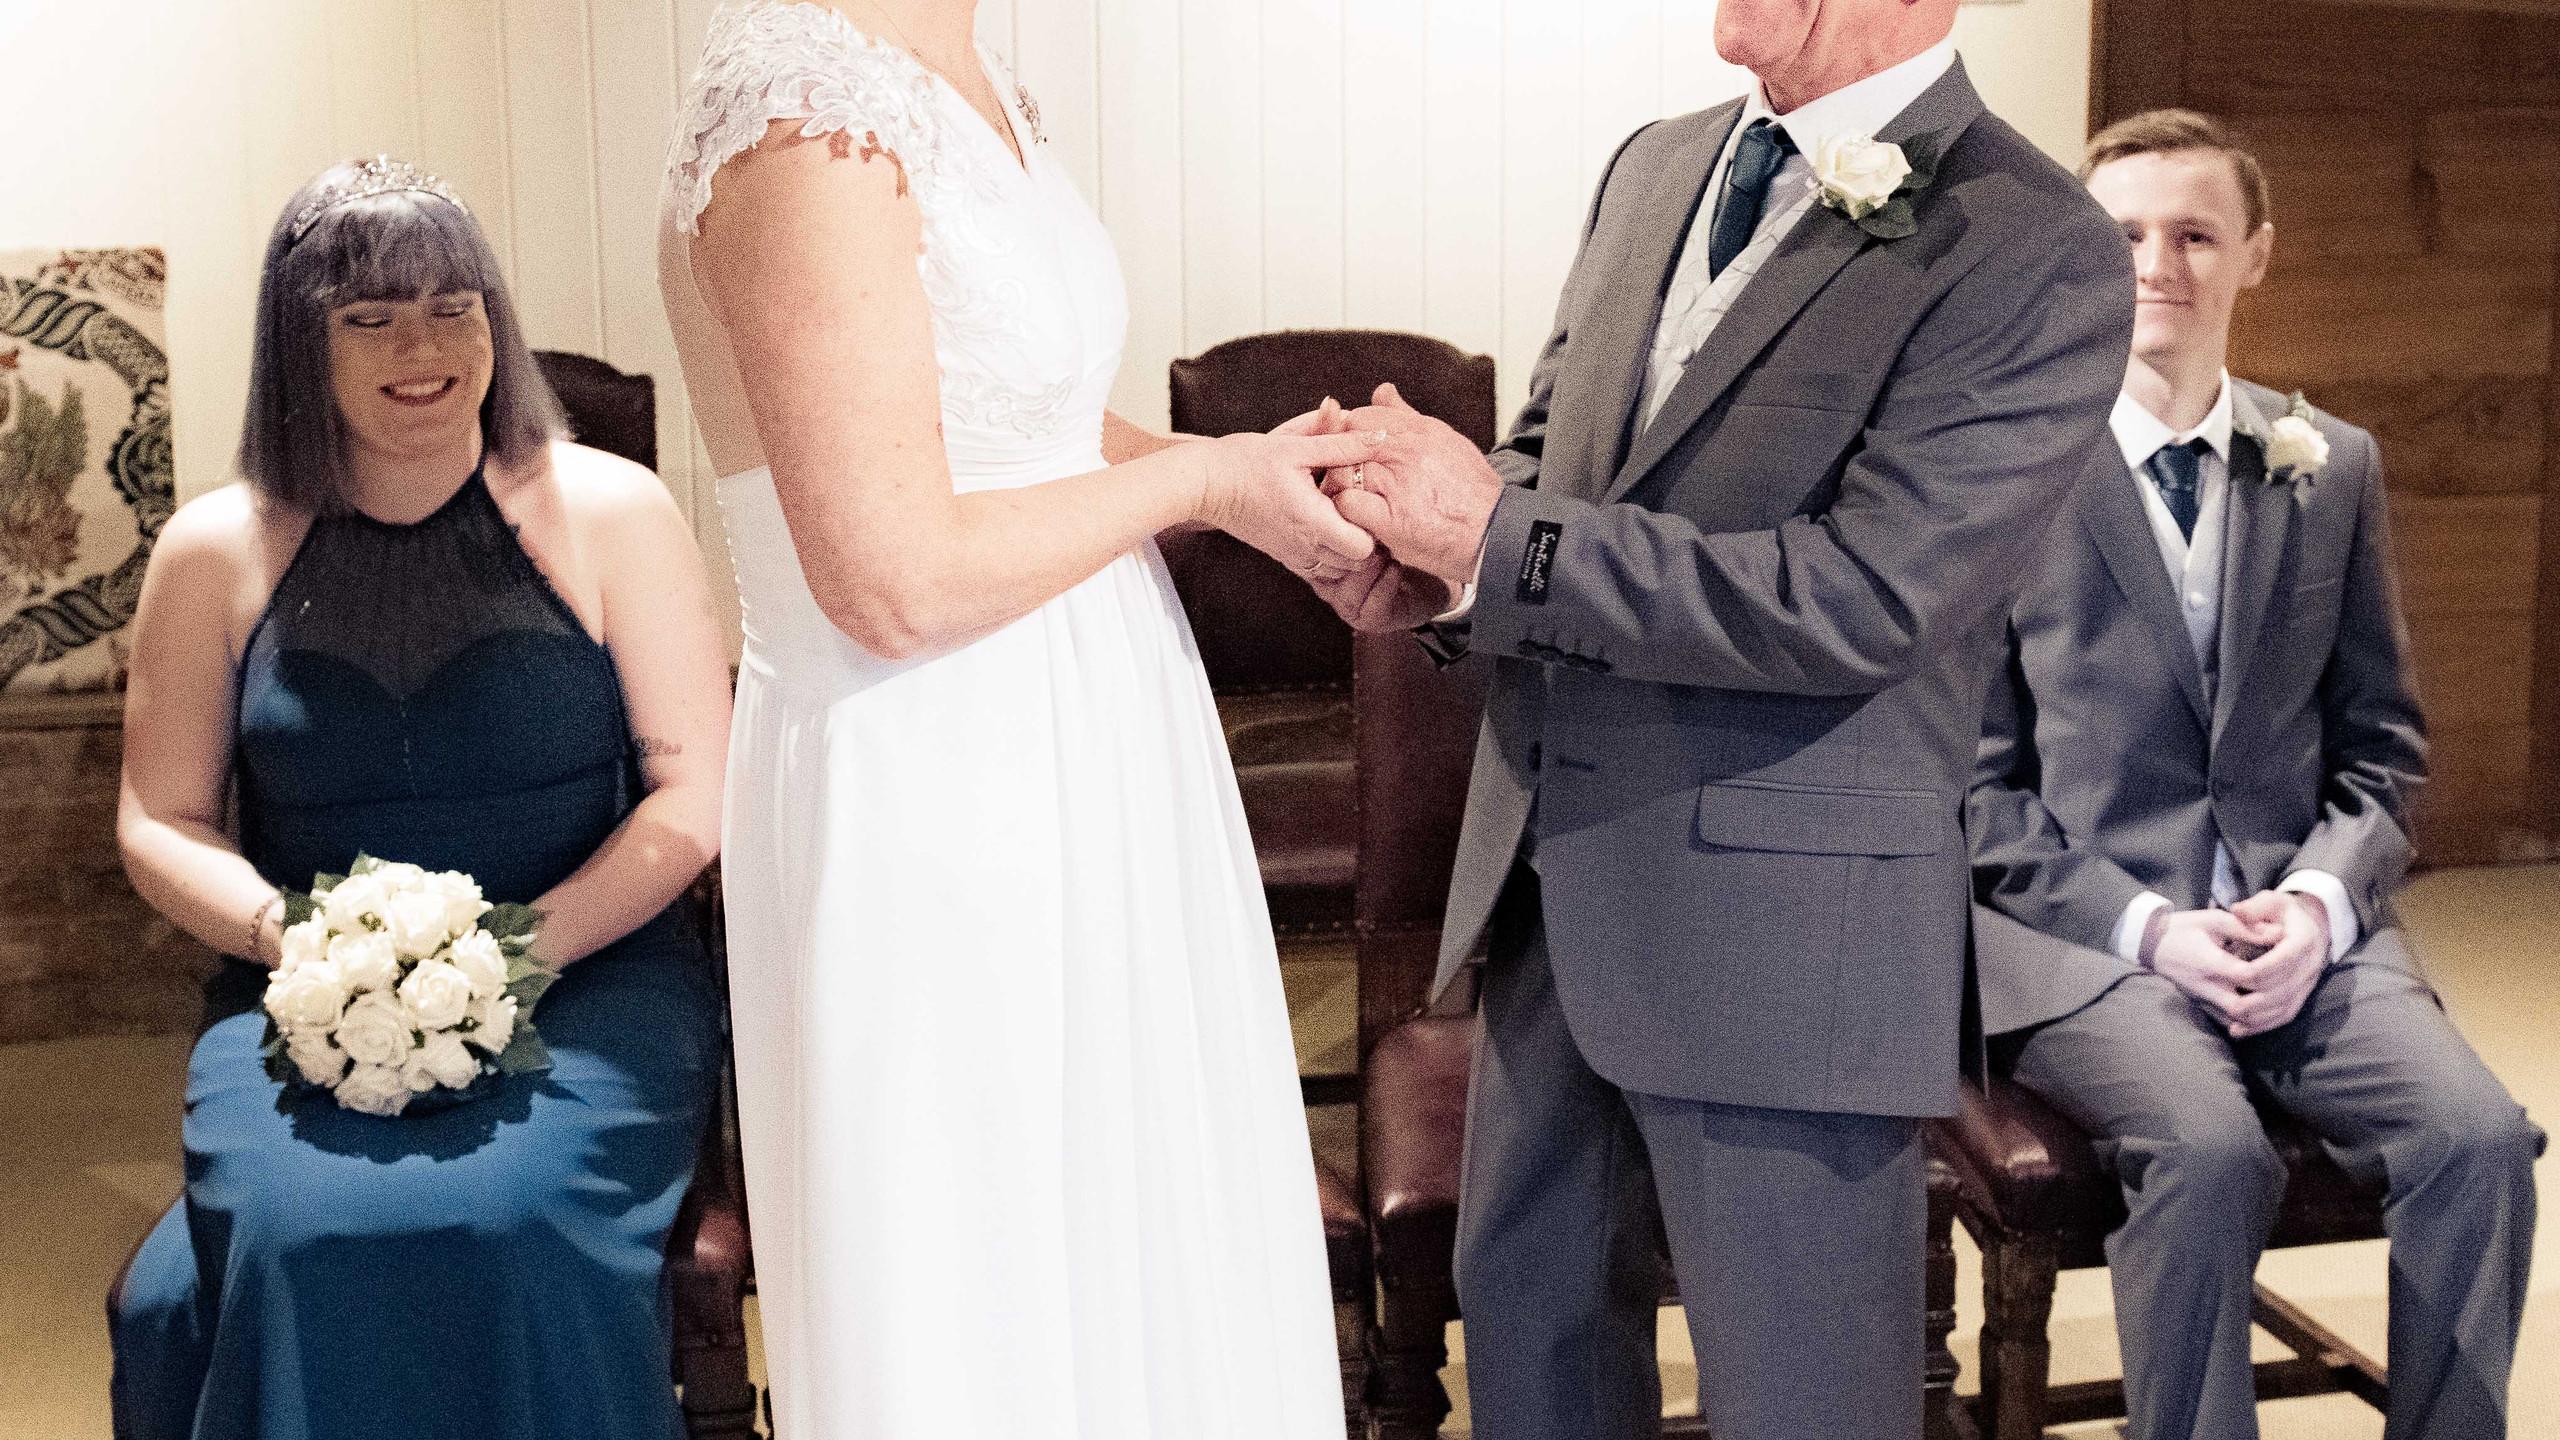 001 Wedding Photography